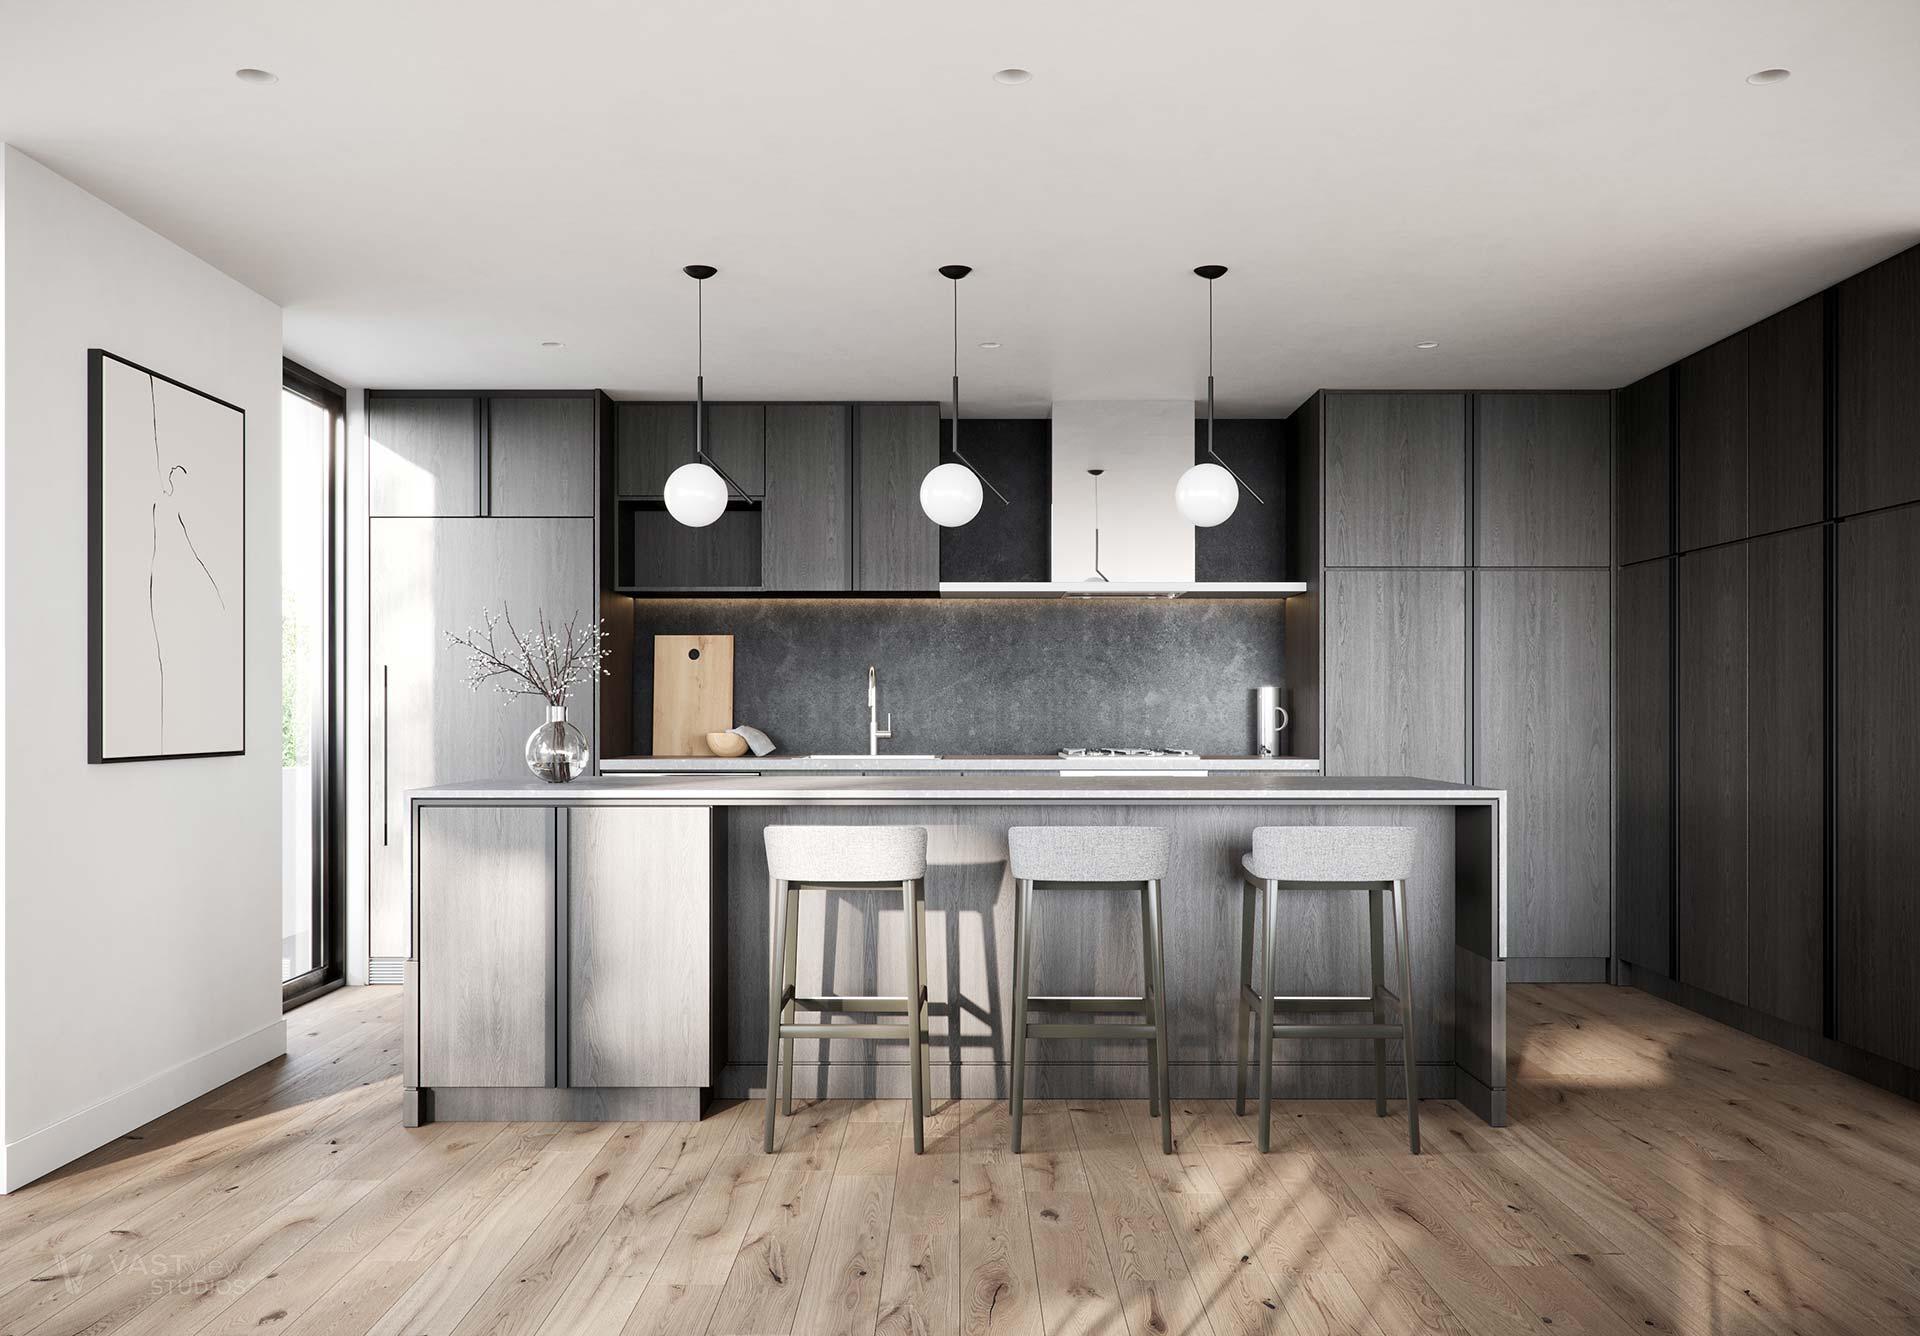 CentreRd_Kitchen_FinalRender_v1.0